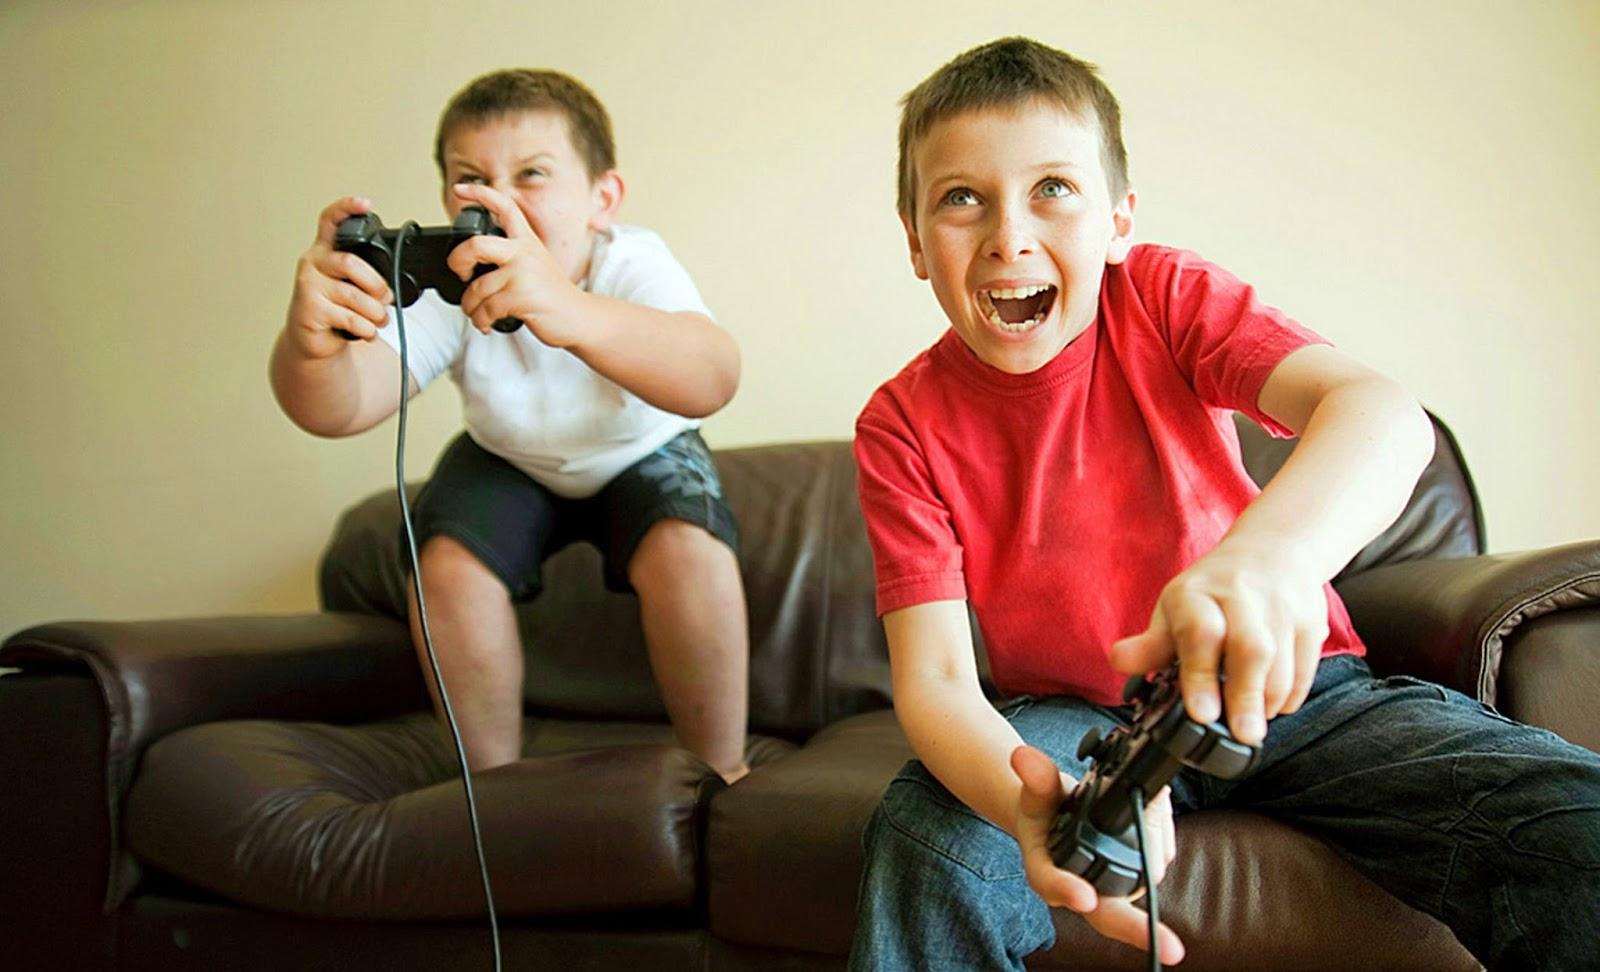 Manfaat yang dihasilkan Bermain Video Game